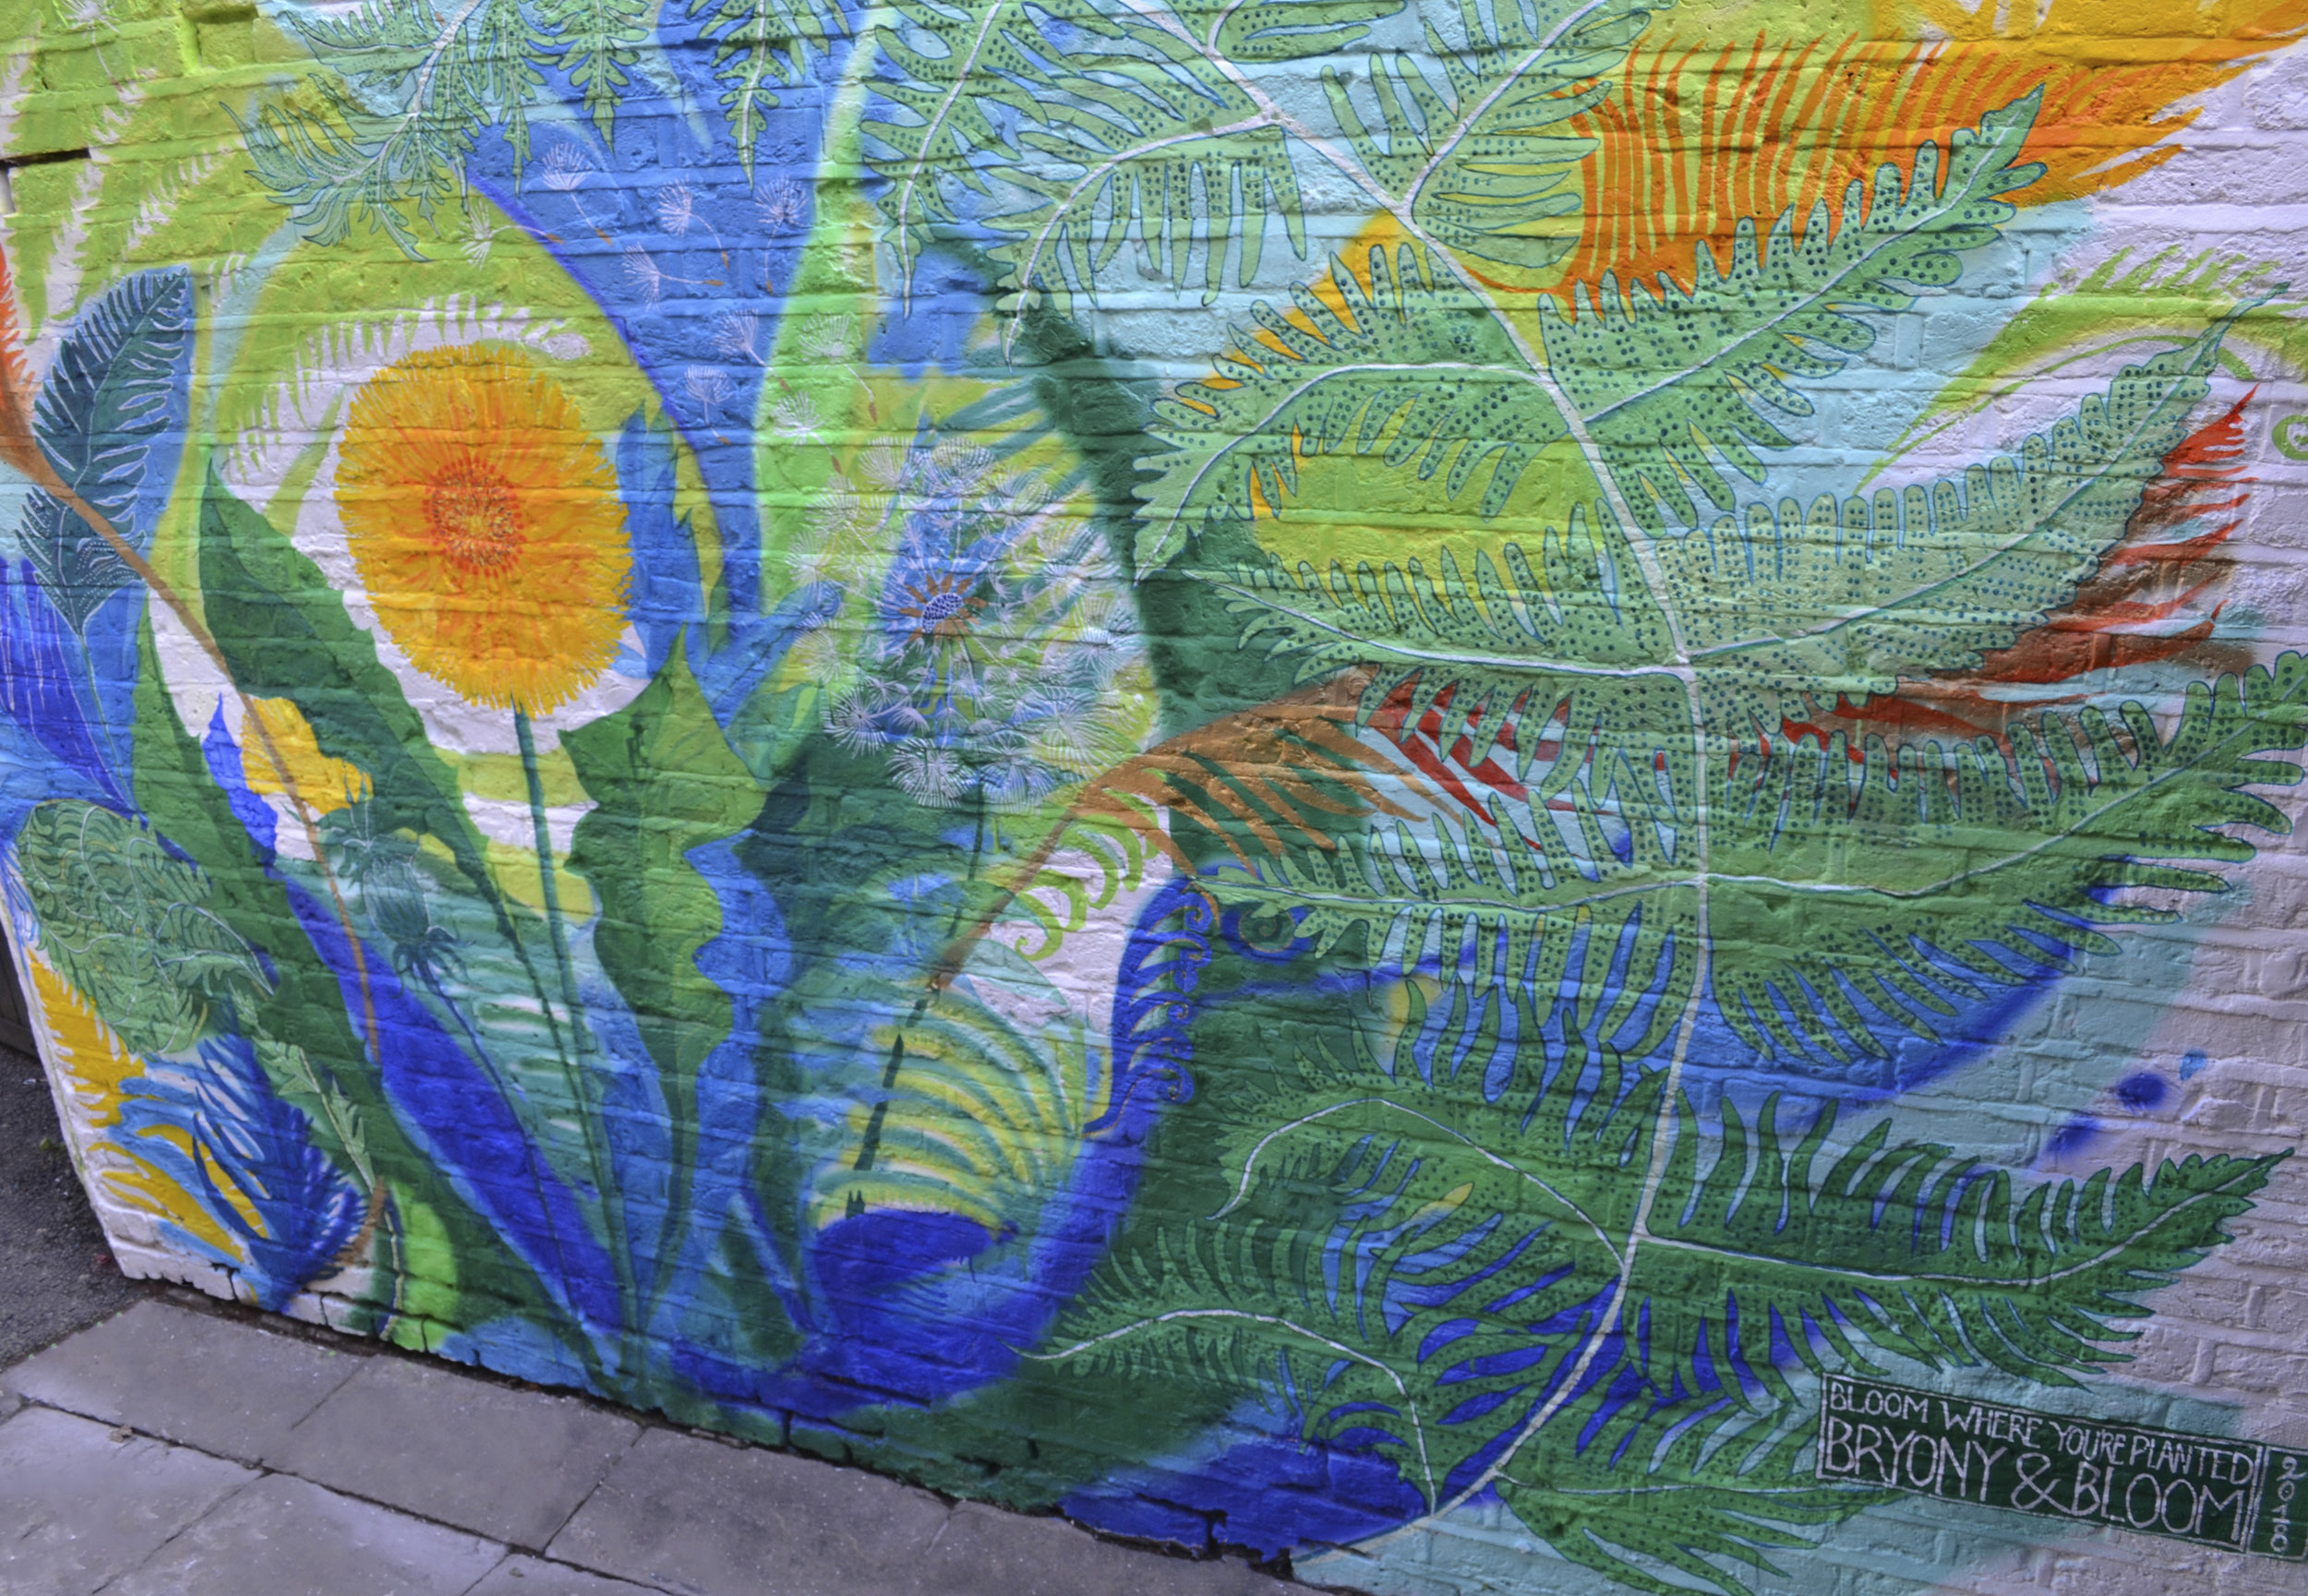 Mural_side view1_web.jpg